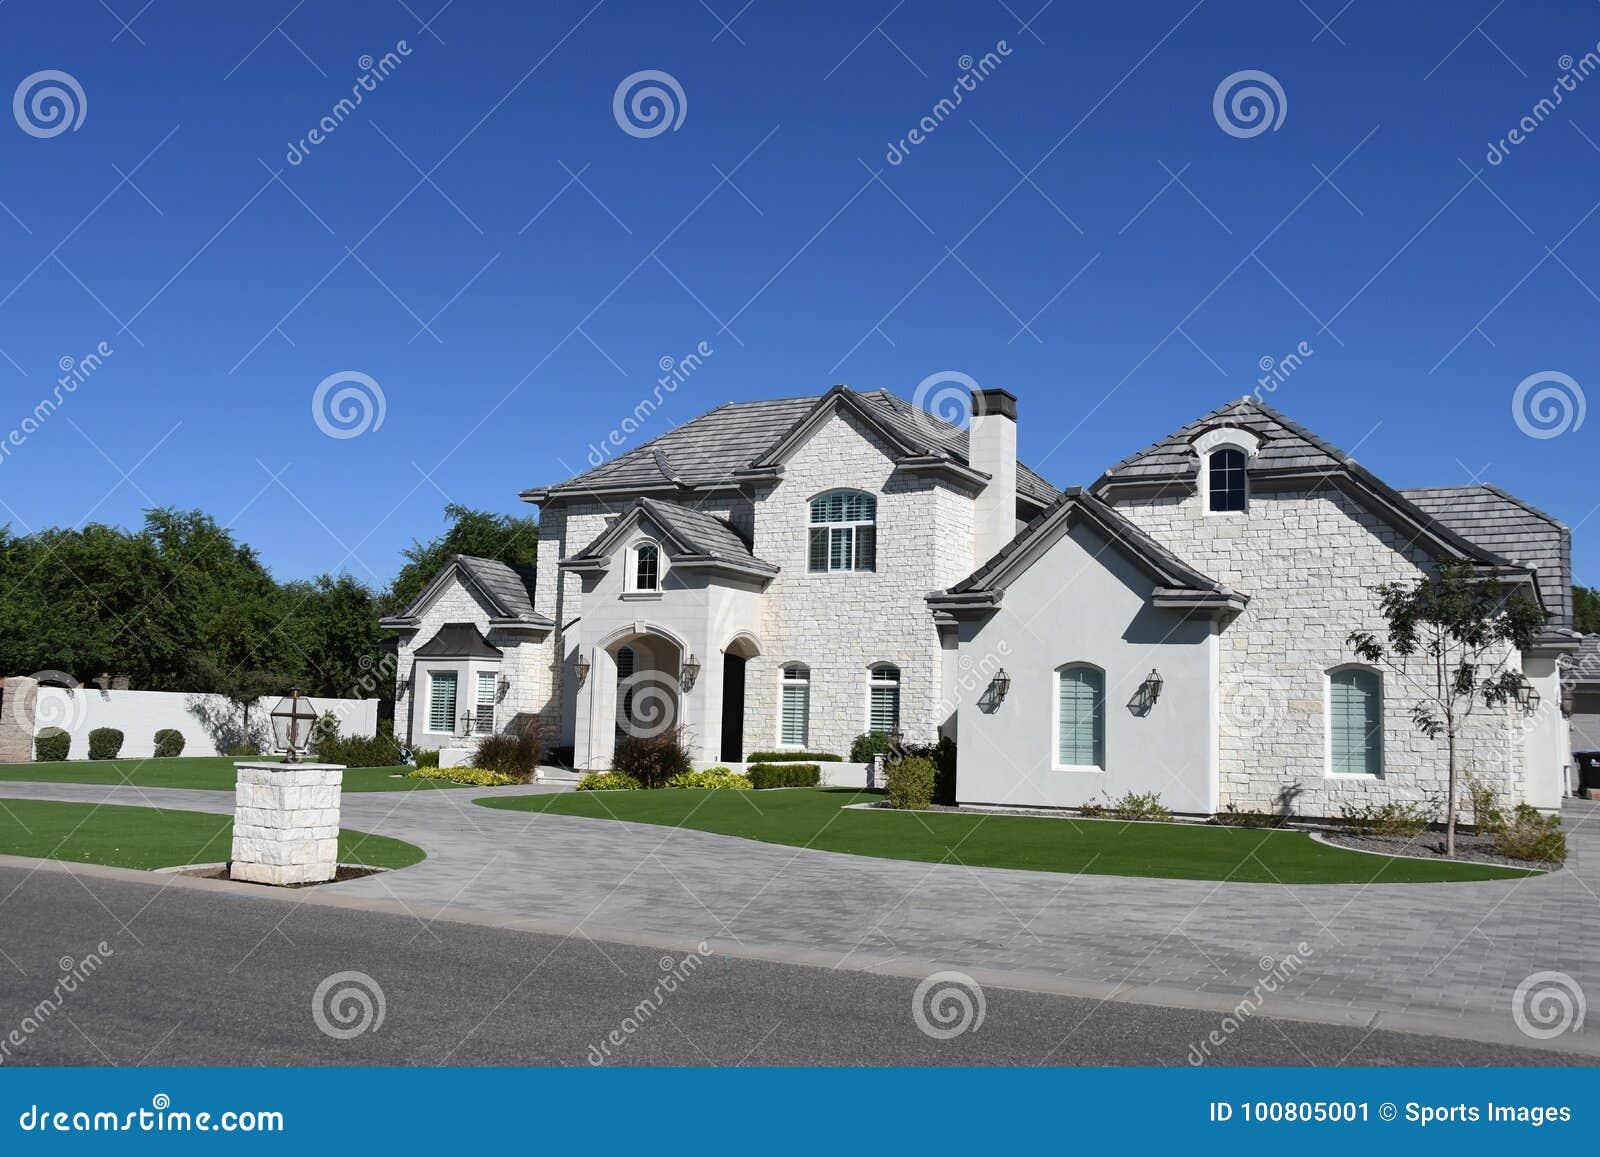 New modern classic home in arizona